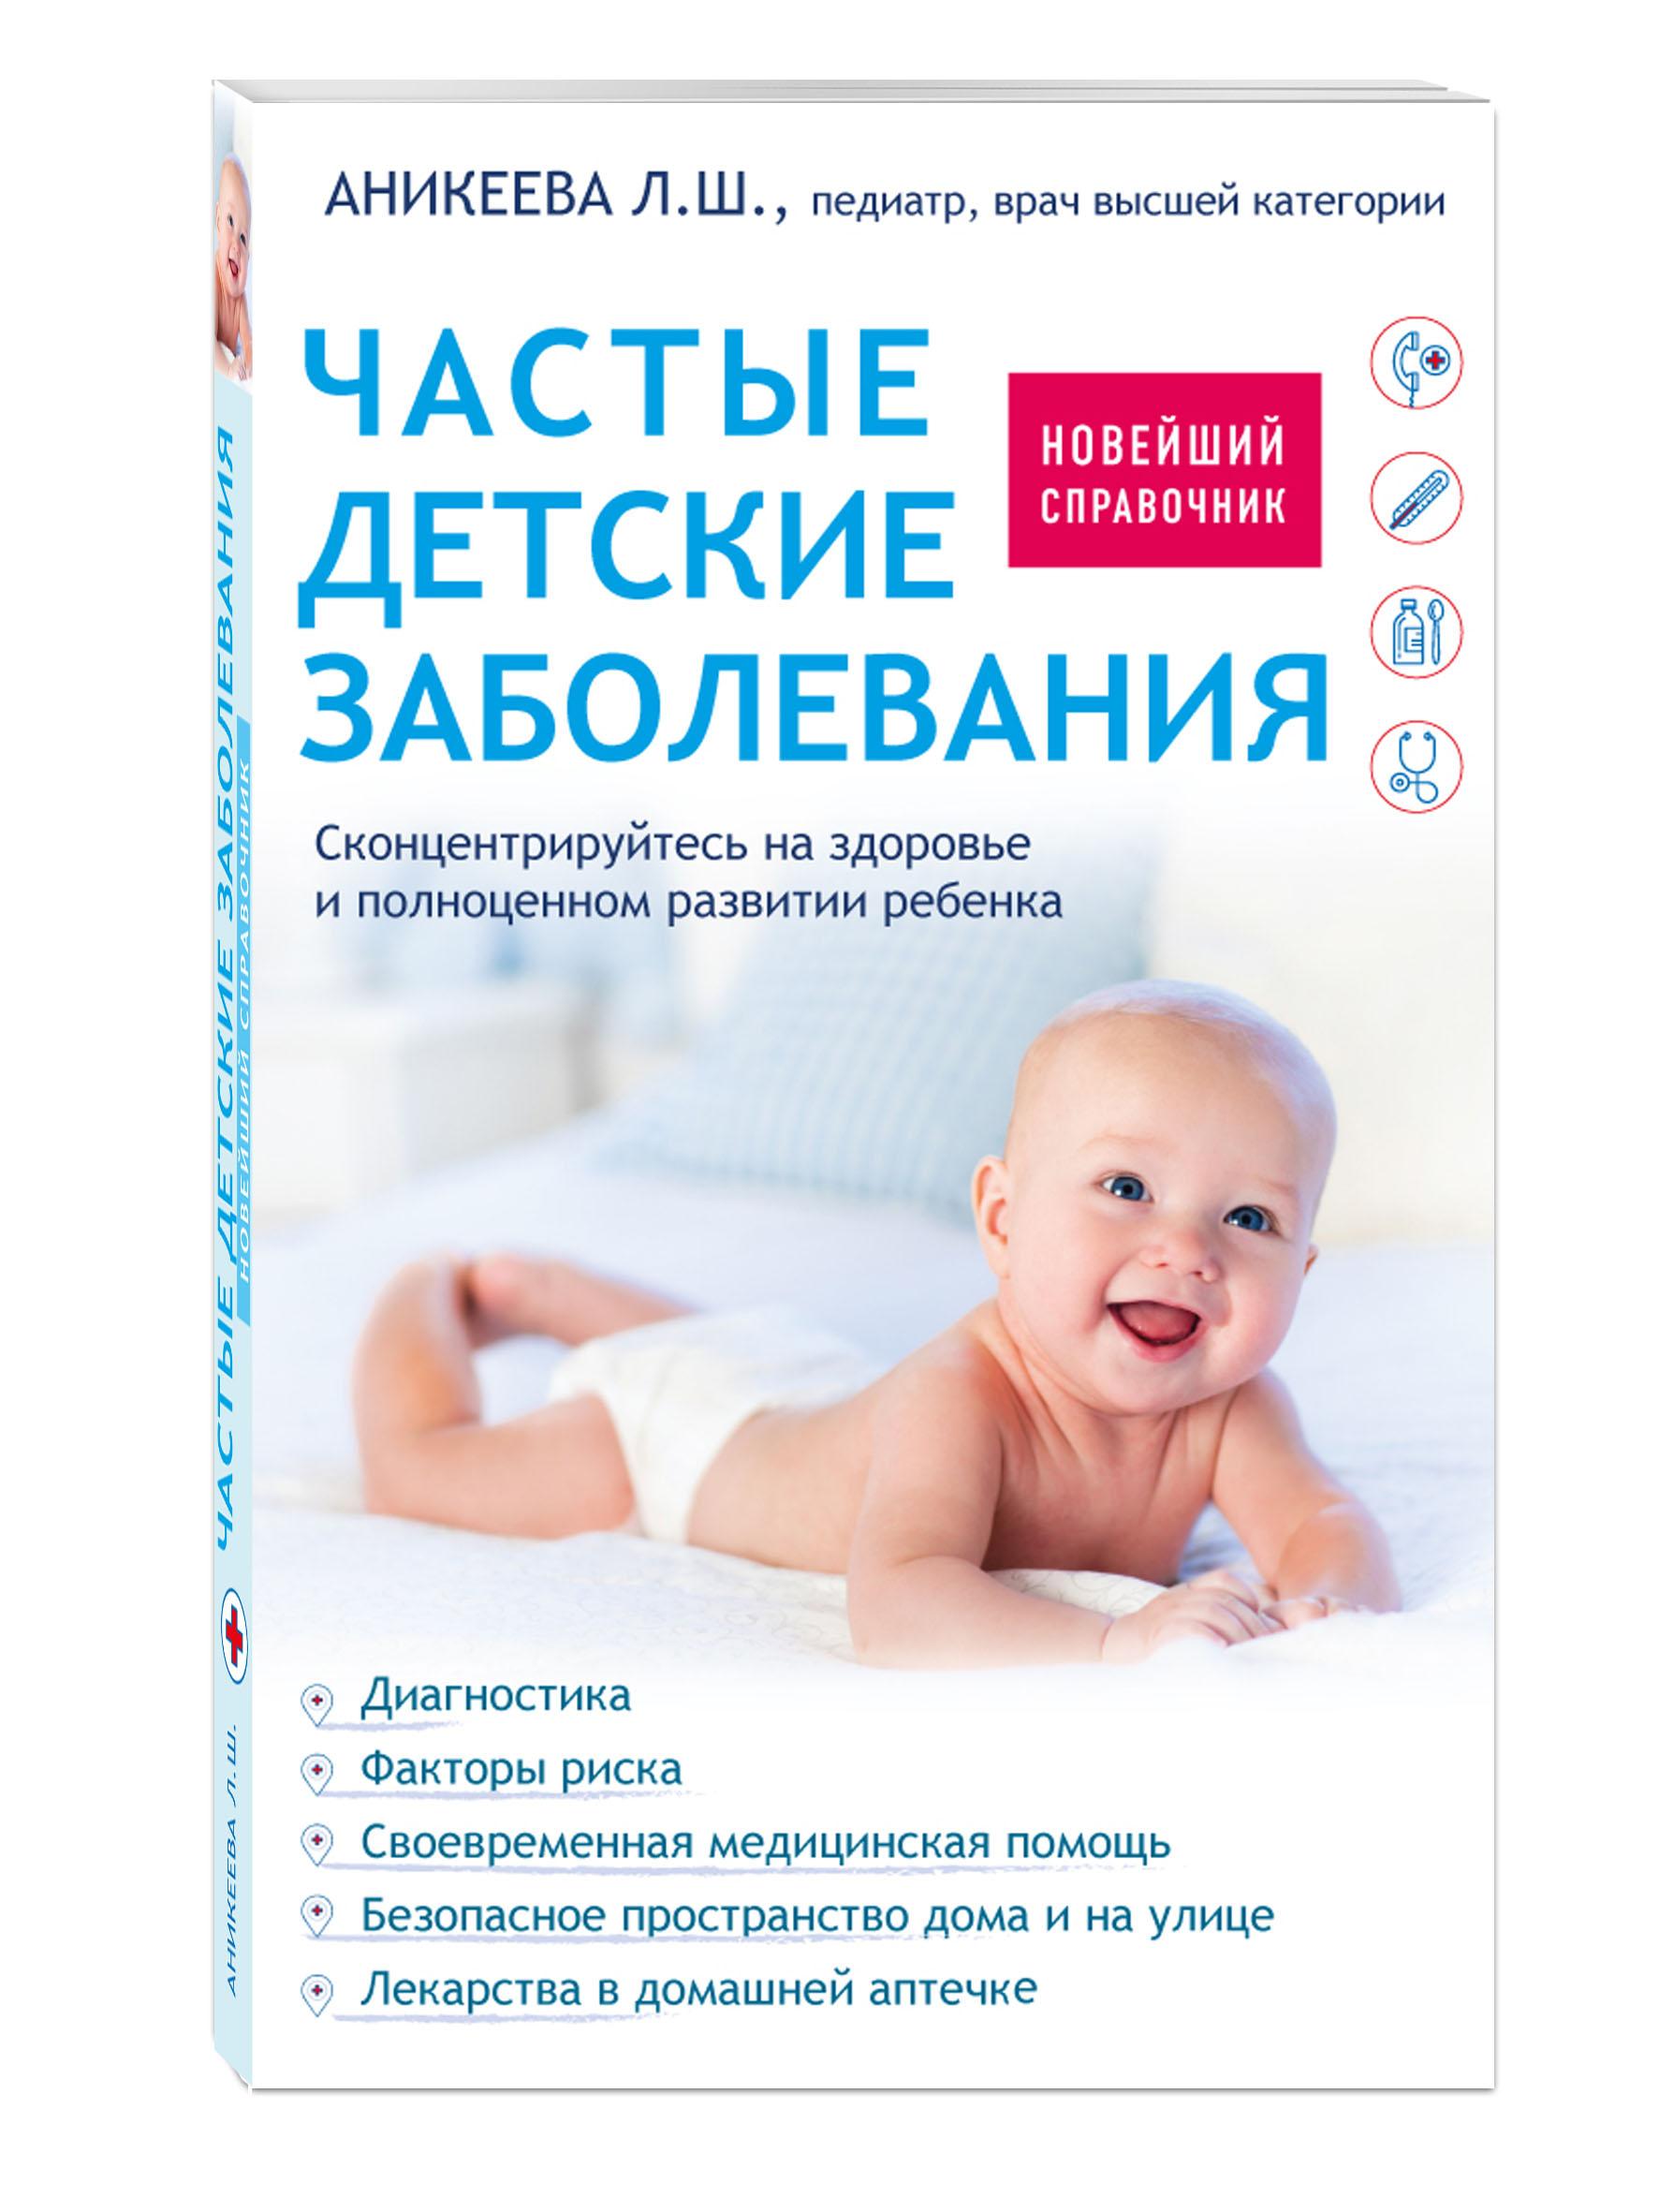 Частые детские заболевания. Новейший справочник ( Аникеева Л.Ш.  )